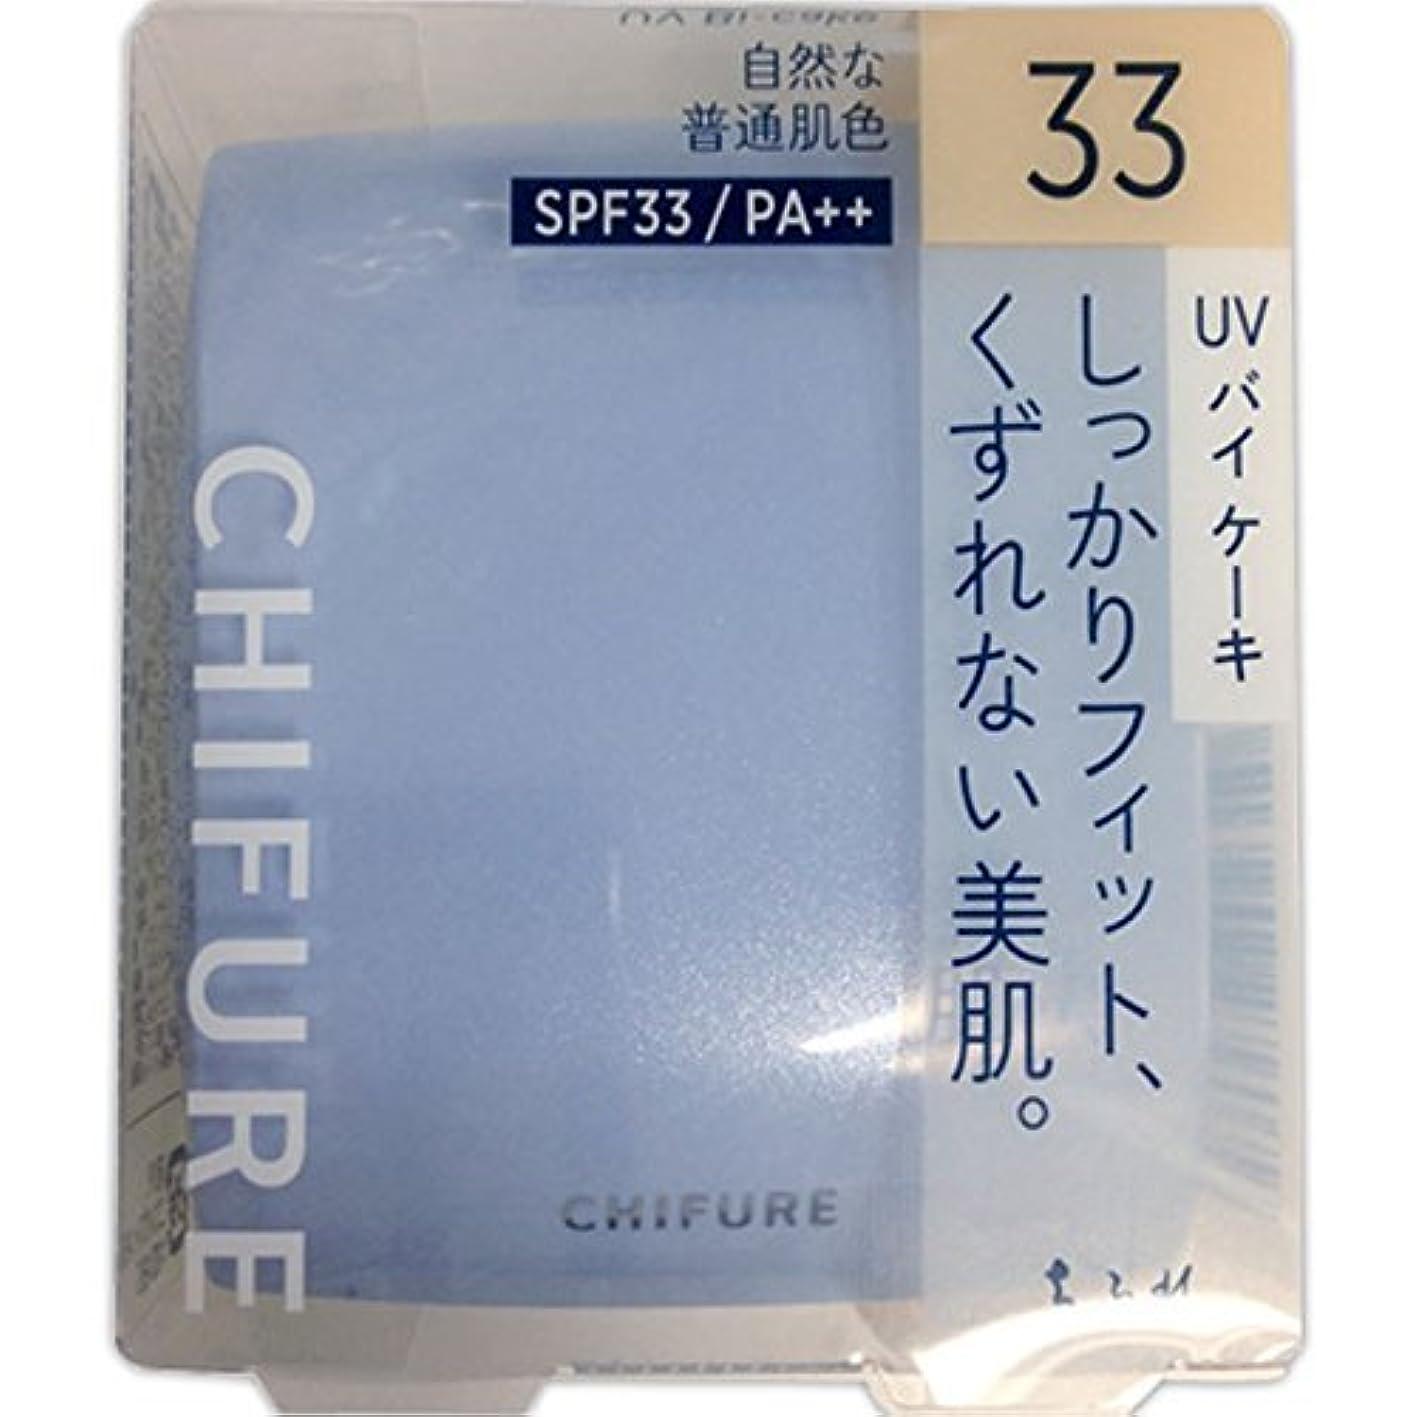 文房具読みやすいペネロペちふれ化粧品 UV バイ ケーキ(スポンジ入り) 33 自然な普通肌色 14g